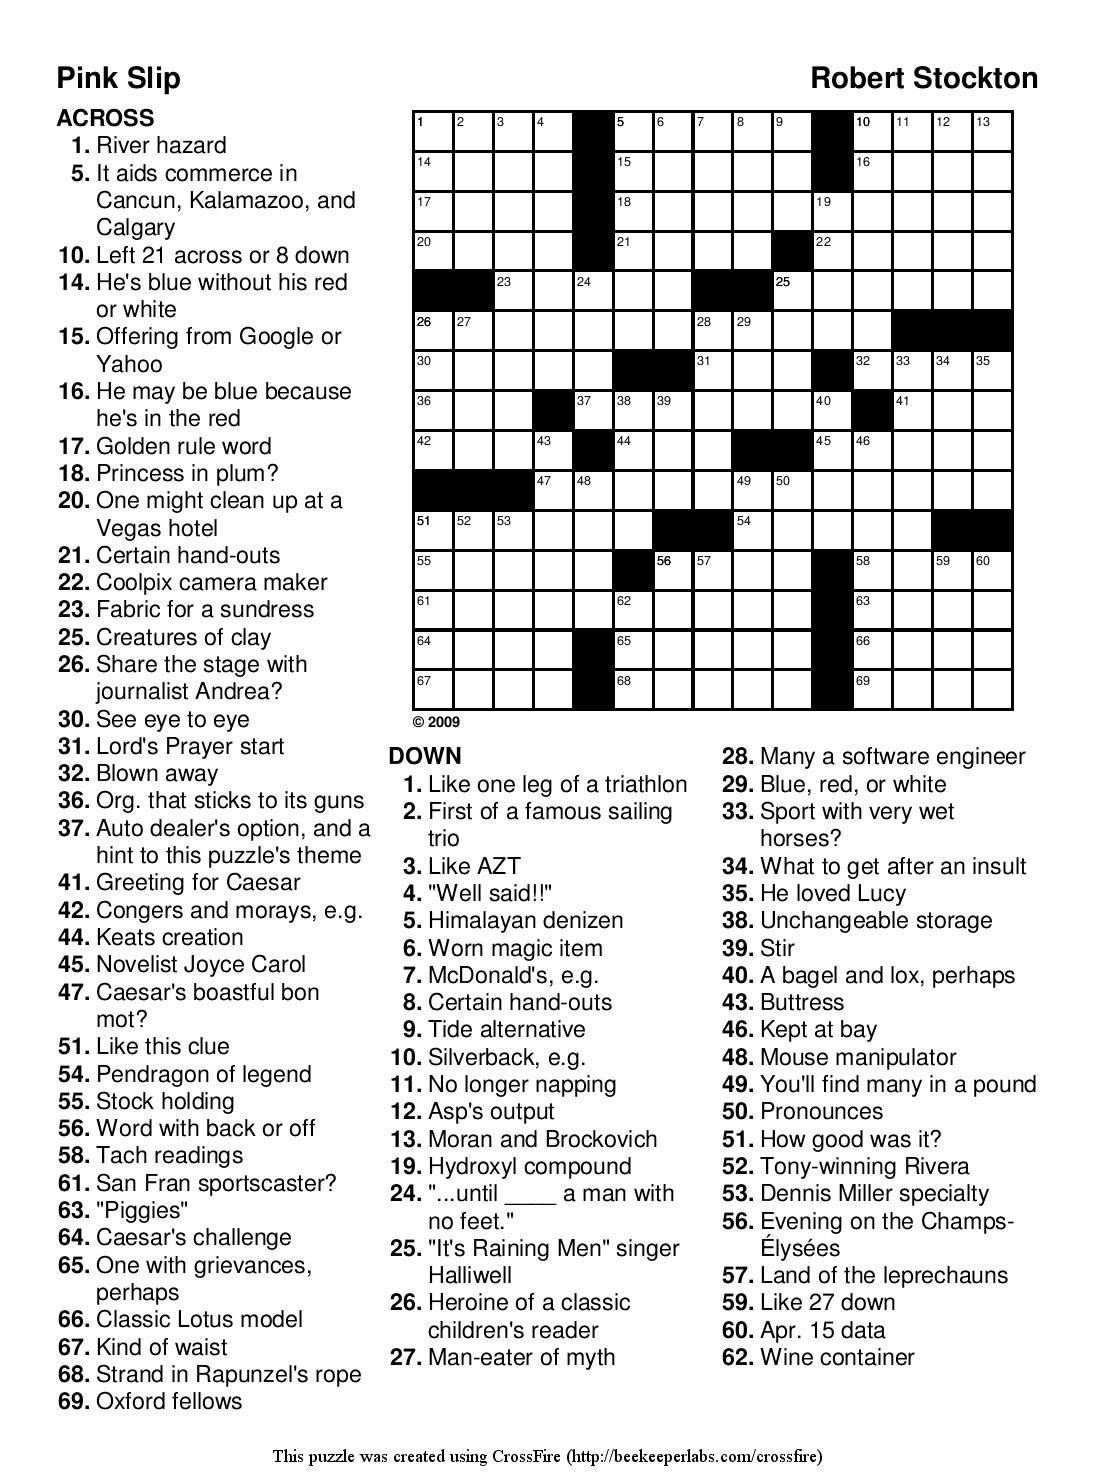 Easy Printable Crossword Puzzels - Infocap Ltd. - Esl Crossword Puzzles Printable